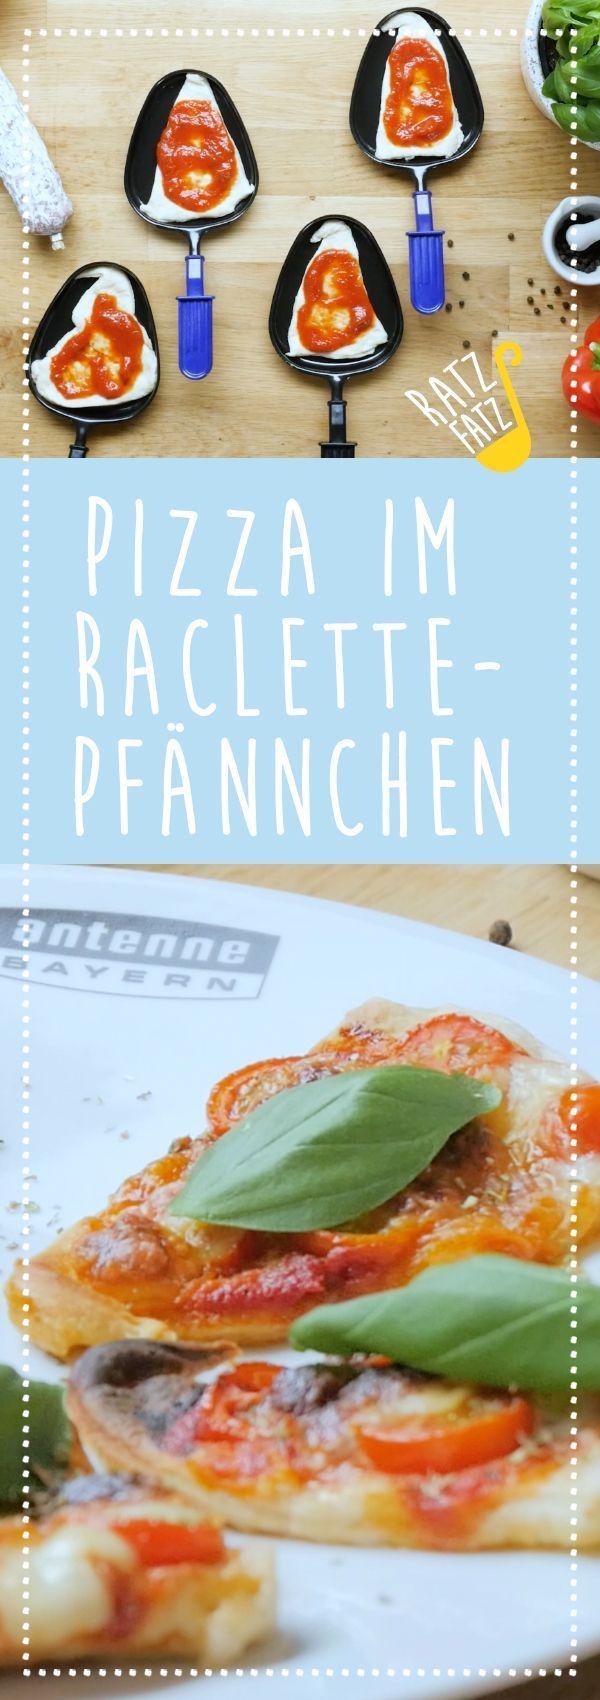 in raclette pans  Pizza in raclette pans  Pizza in raclette pans